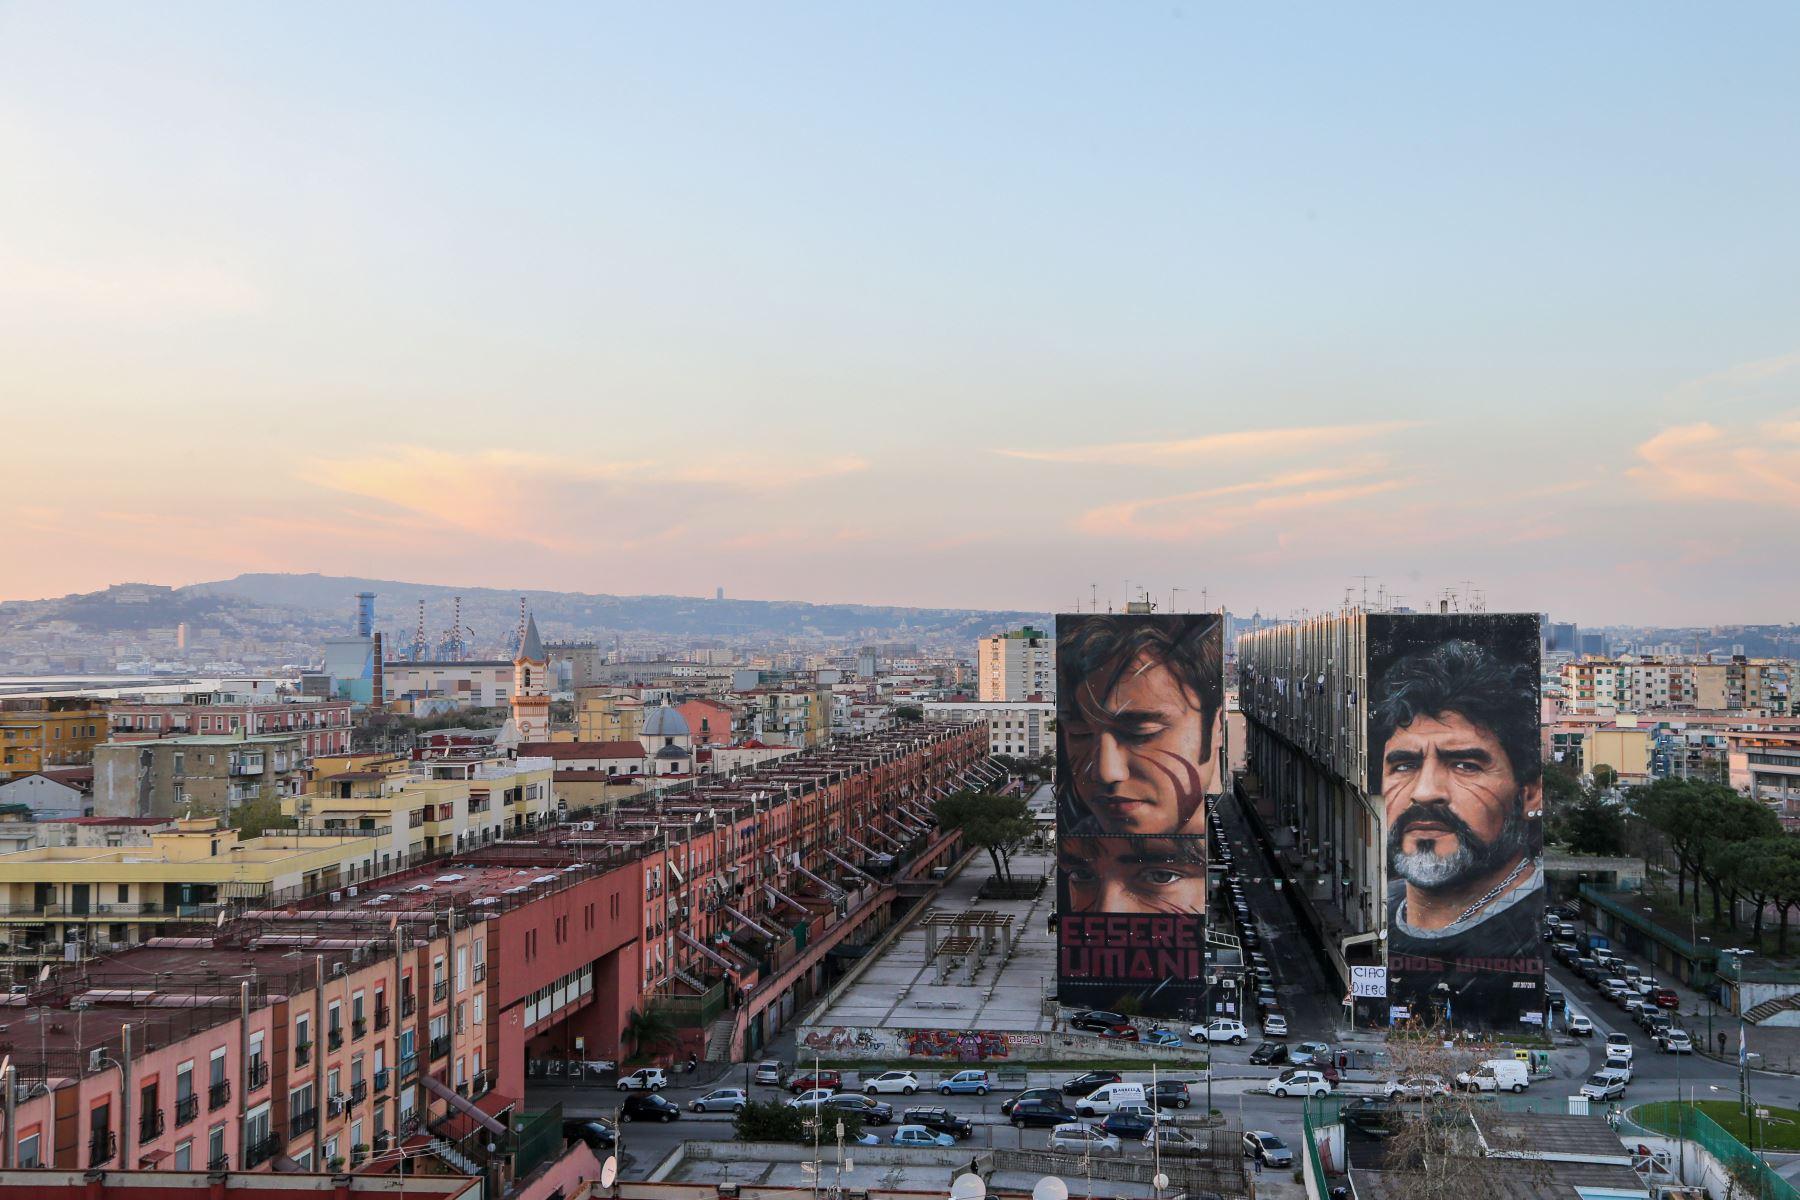 """Una vista general muestra un mural de la leyenda del fútbol argentino Diego Maradona  en Nápoles. Maradona, ampliamente recordado por su gol """"Mano de Dios"""" contra Inglaterra en los cuartos de final del Mundial de 1986. Foto: AFP"""